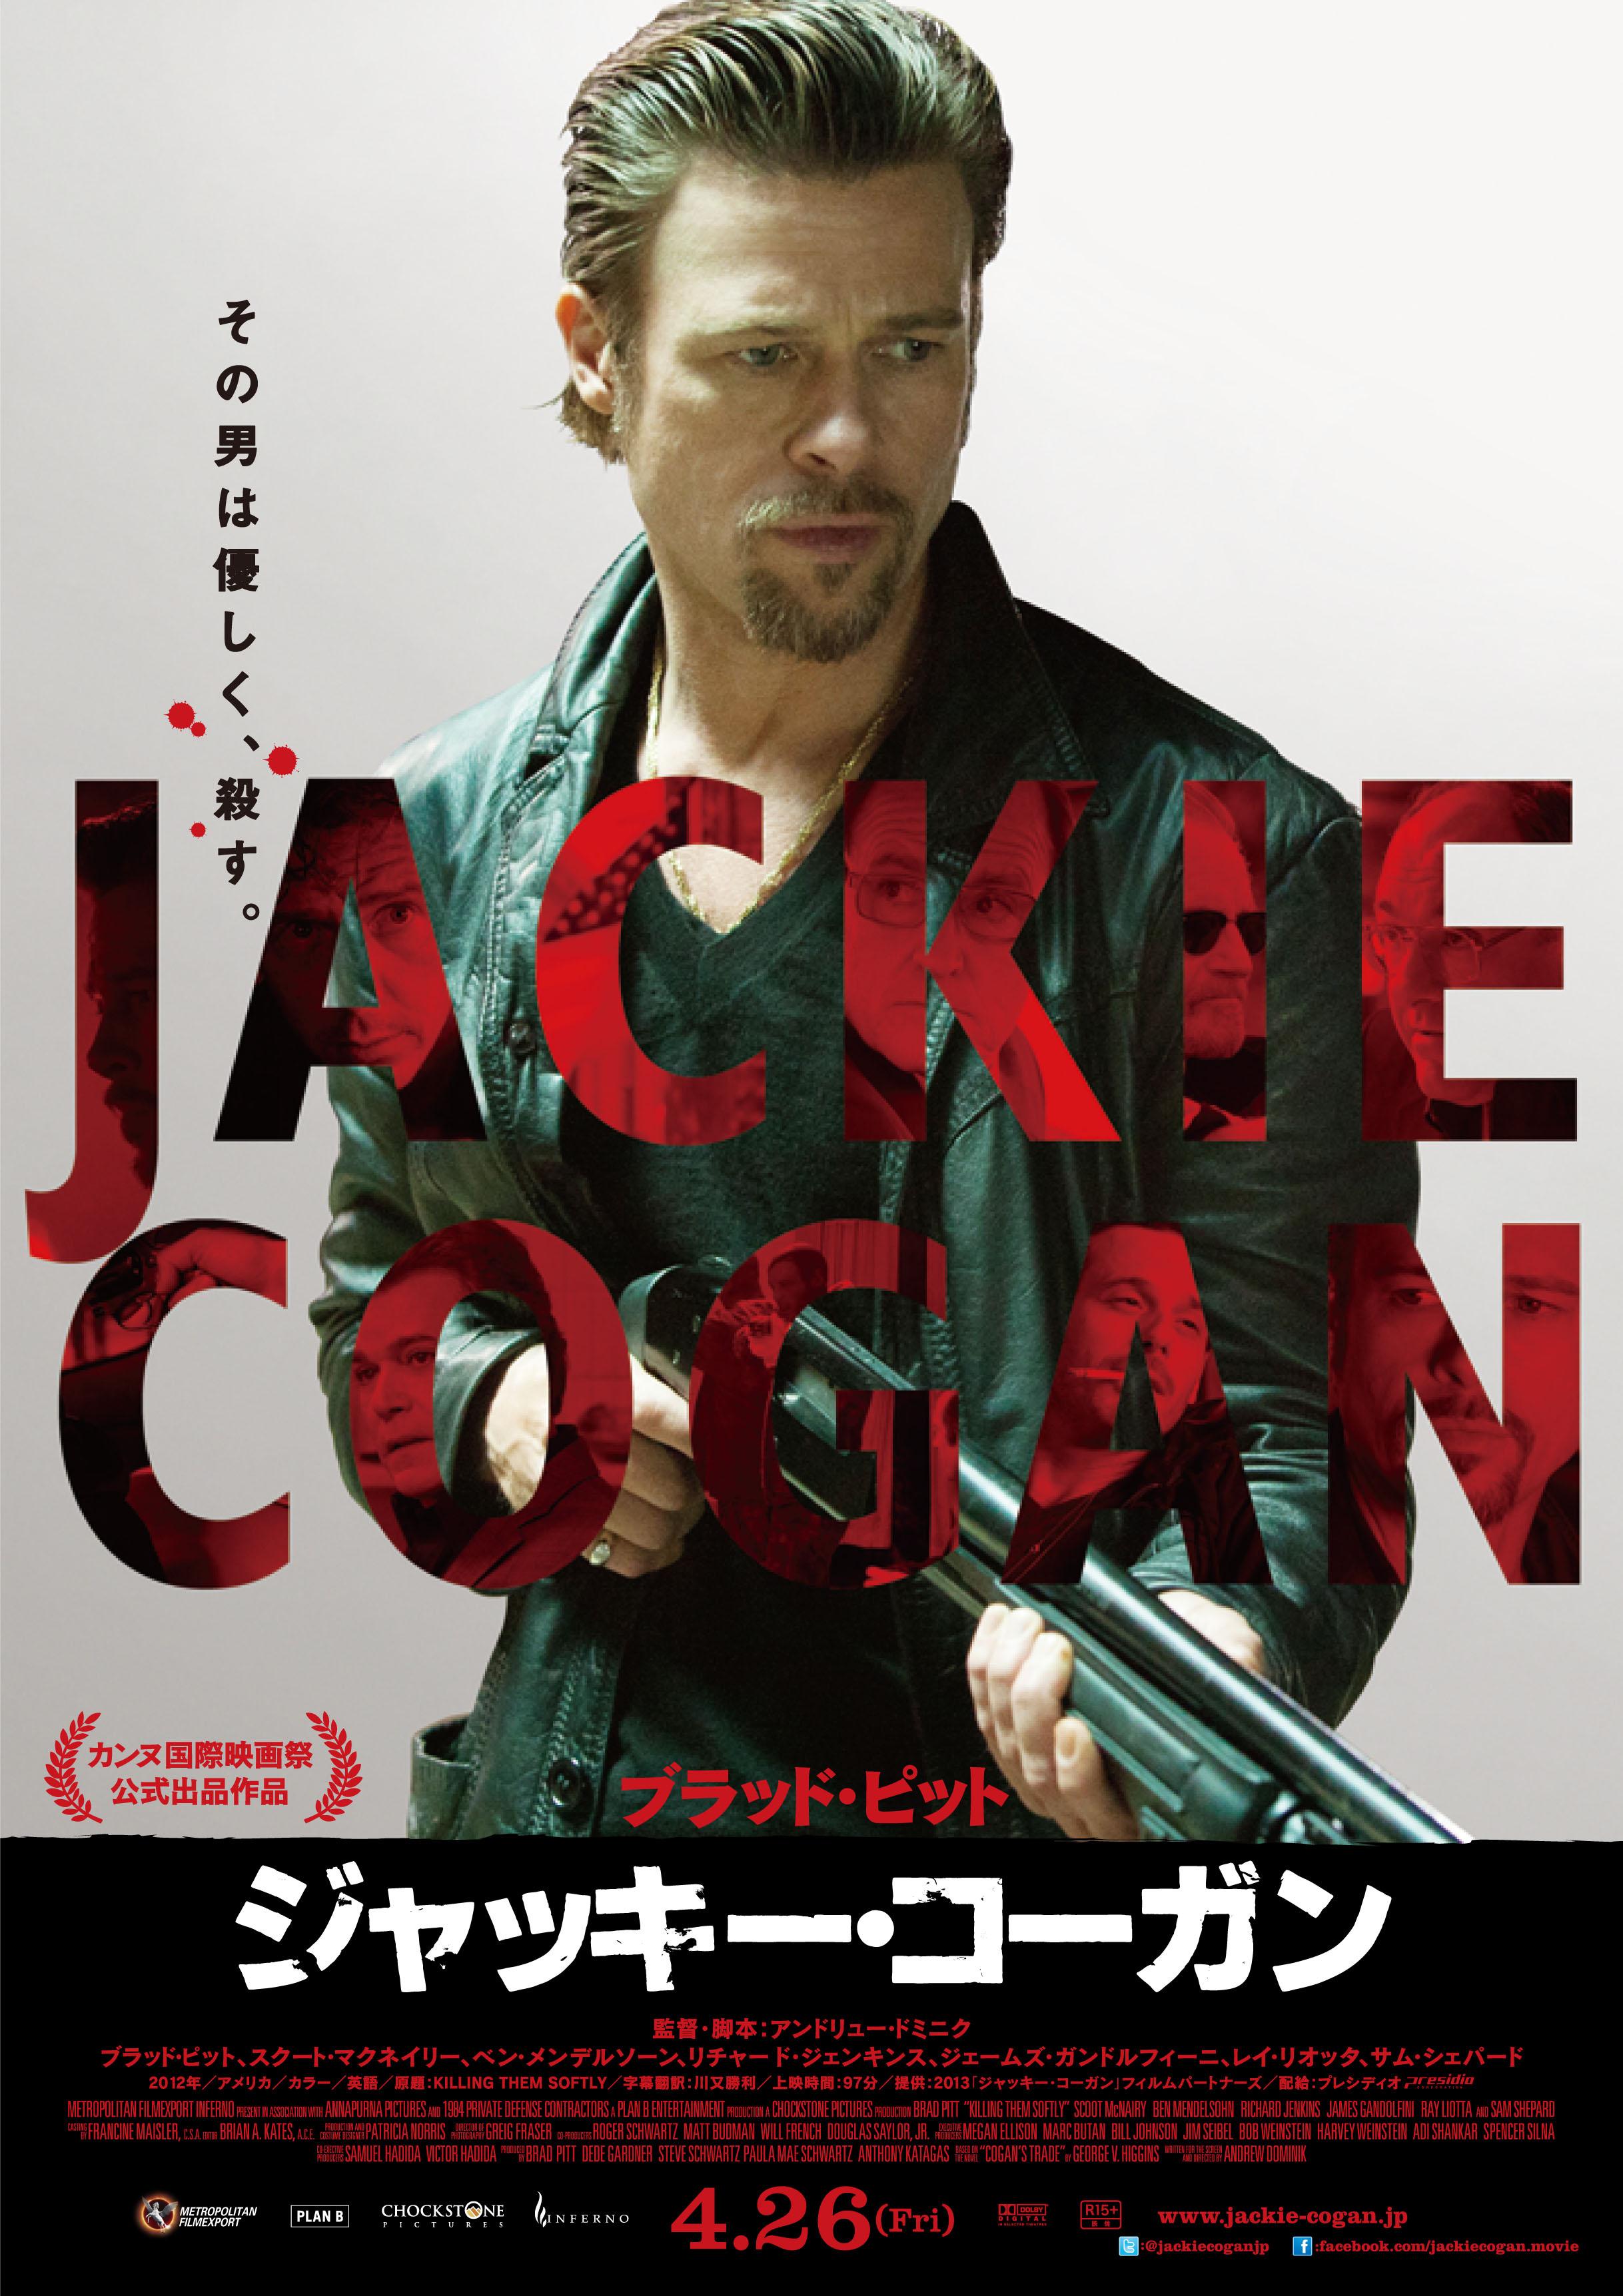 『ジャッキー・コーガン』